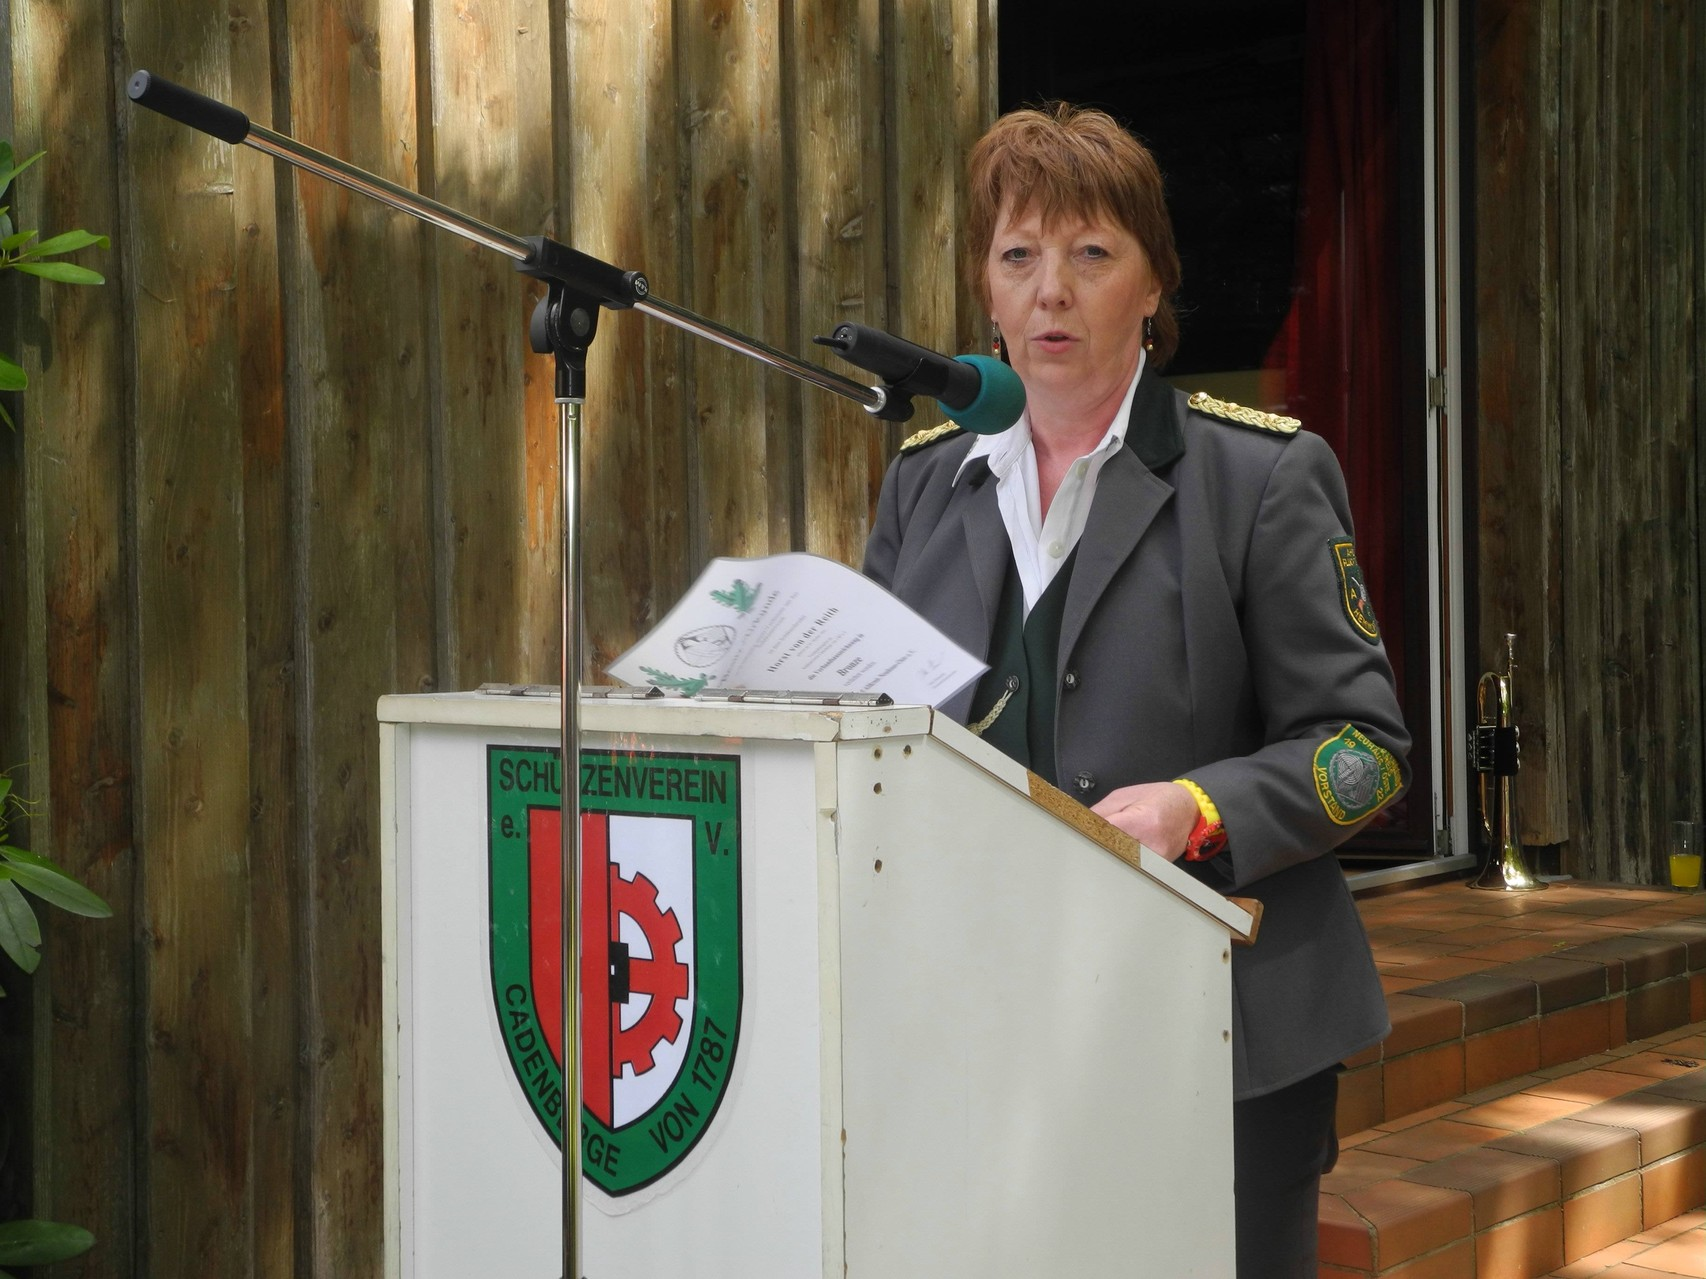 Petra Schröder (Kreisschießwartin) spricht im Namen des Altkreises Neuhaus und des Kreisschützenmeisters